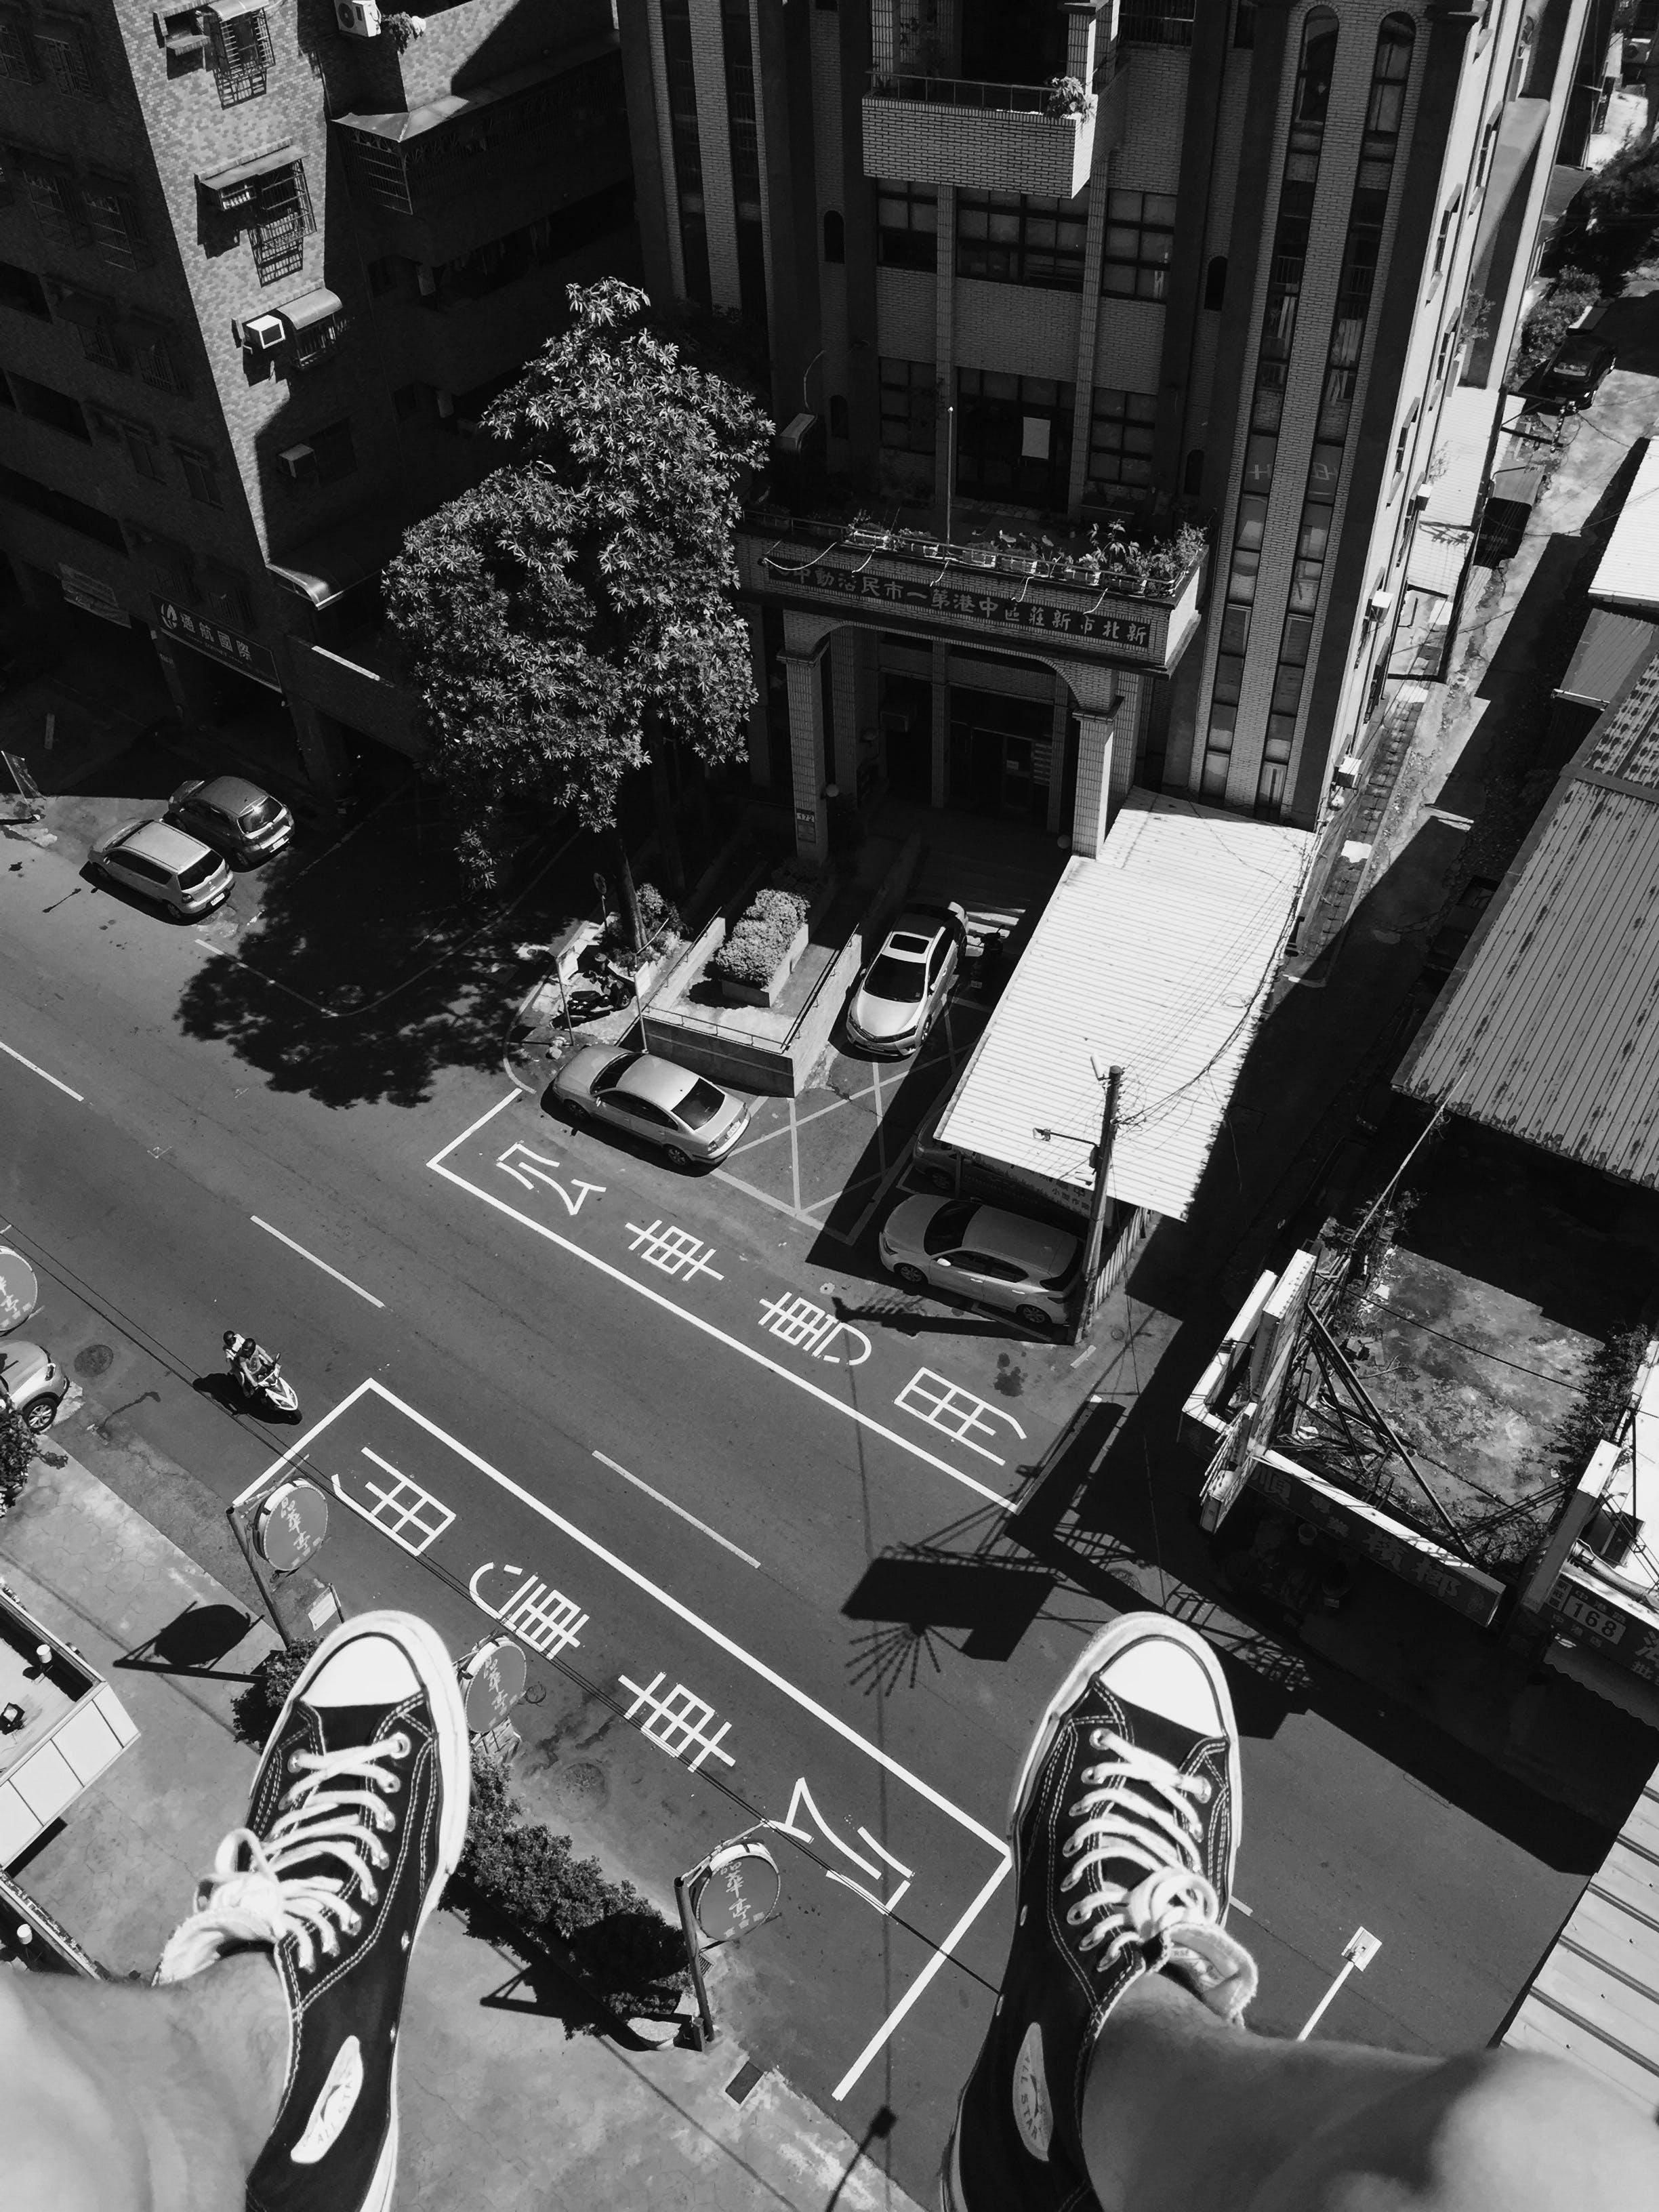 スニーカー, 履物, 建物, 白黒の無料の写真素材